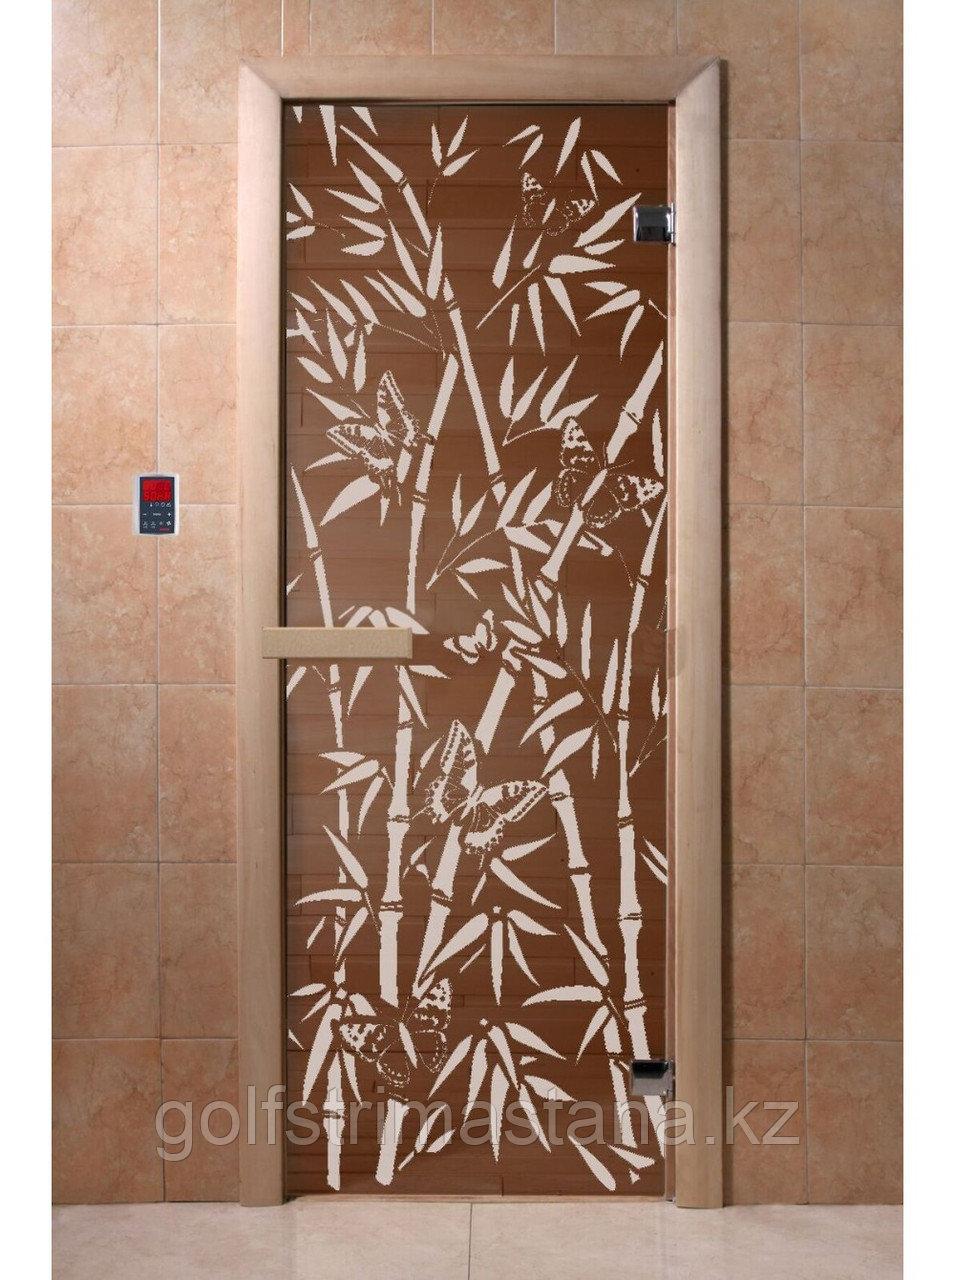 """Дверь для бани """"Бамбук и бабочки"""" бронза 1900*700, 6мм, 2 петли"""